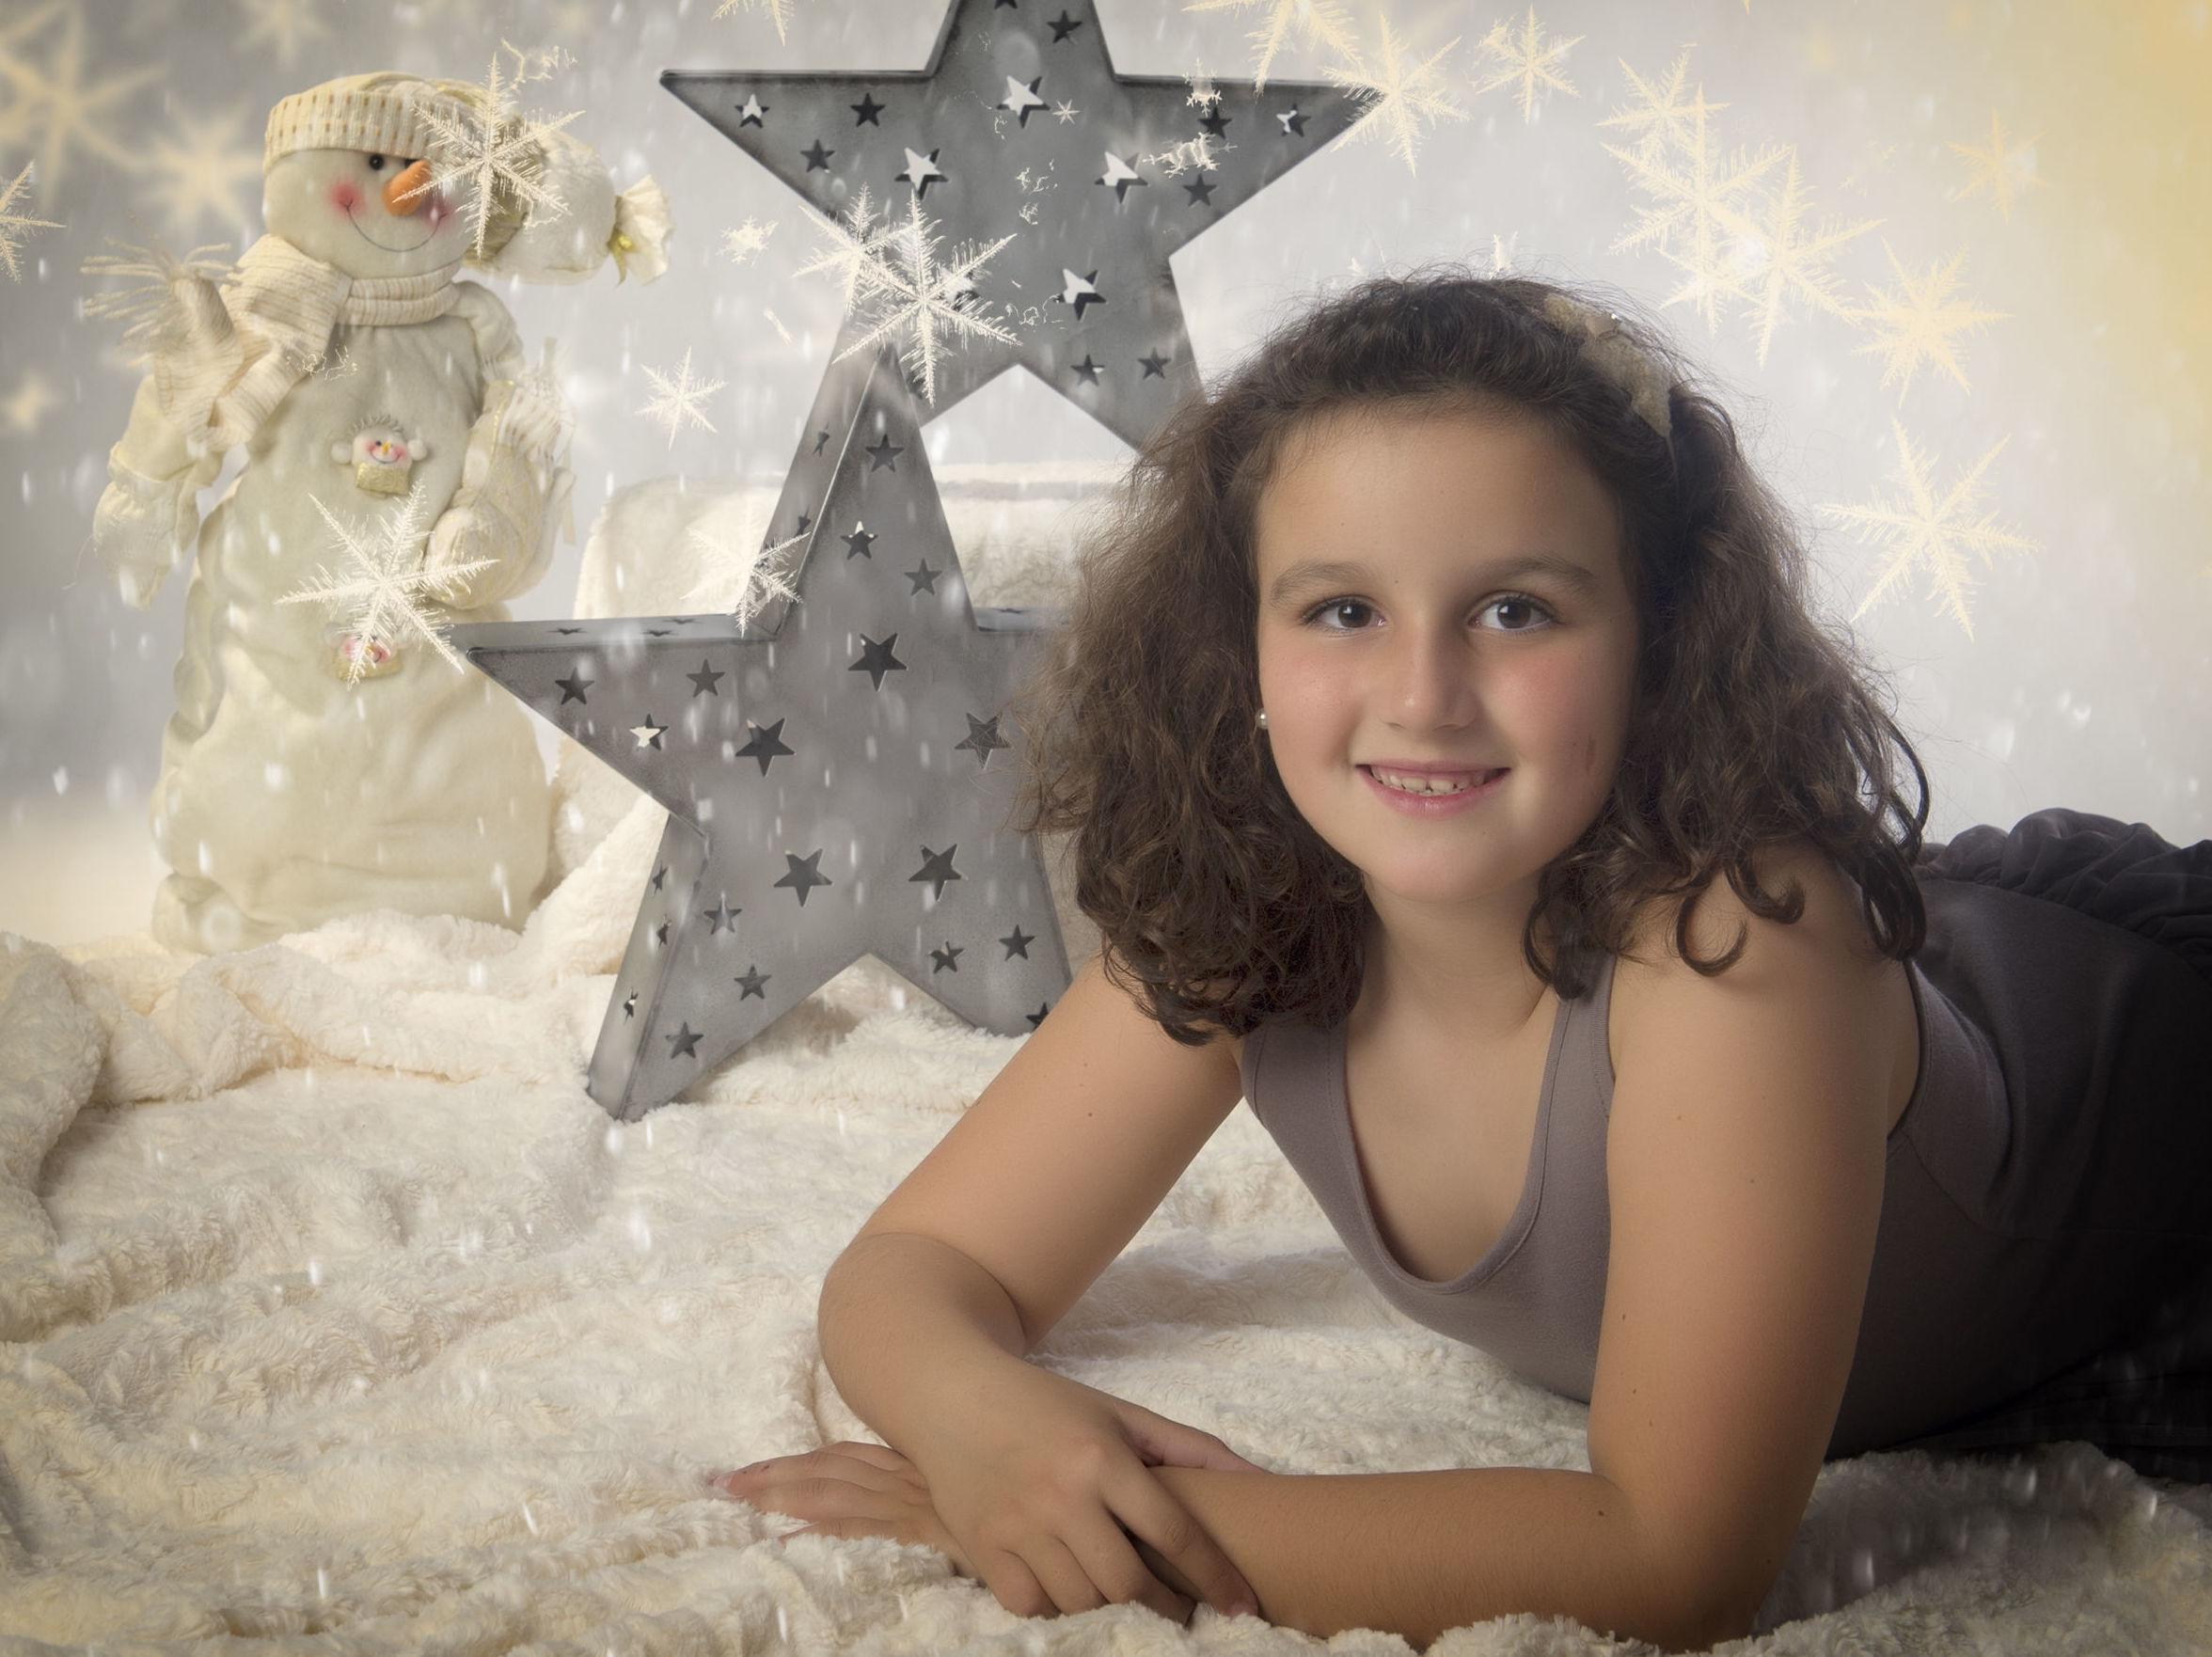 Natalia y la magia de la Navidad